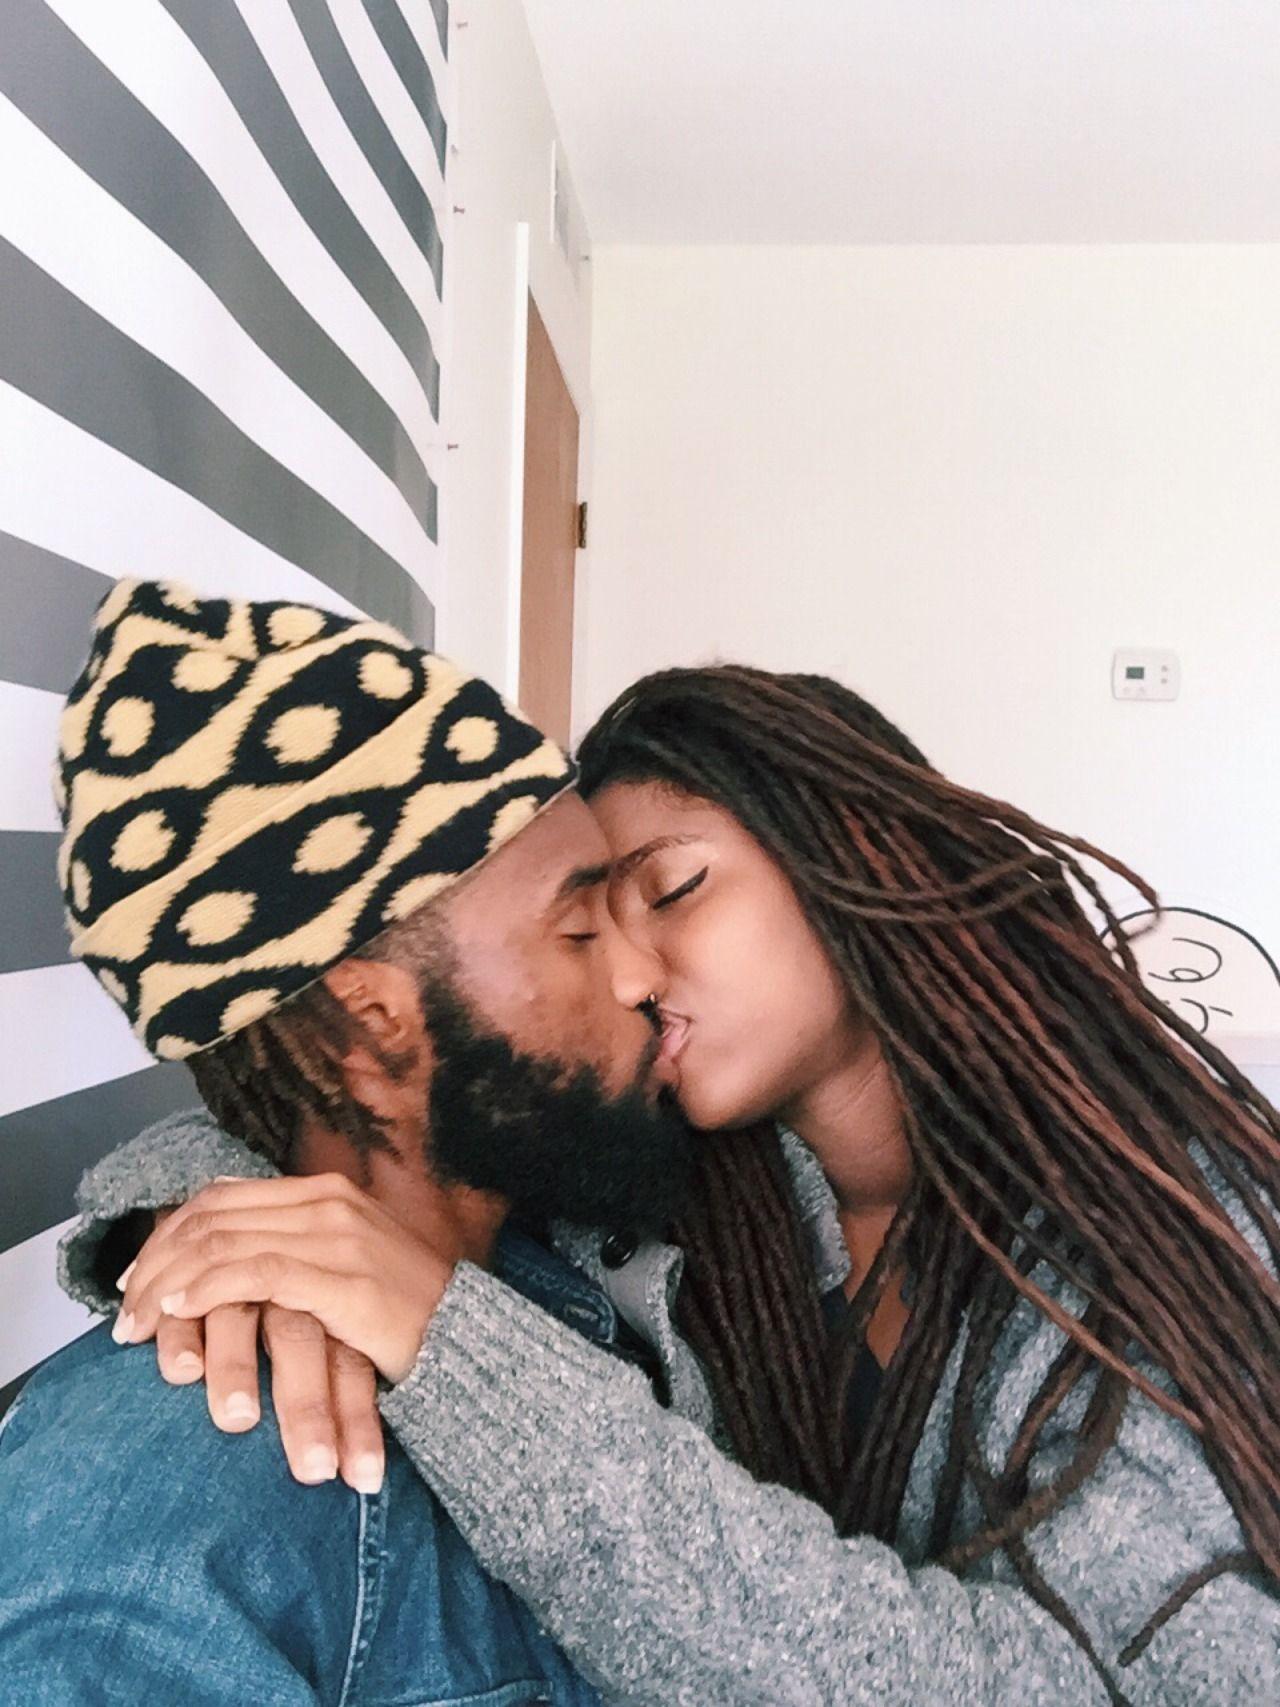 luonnolliset hiukset interracial dating dating eronnut nainen katolinen